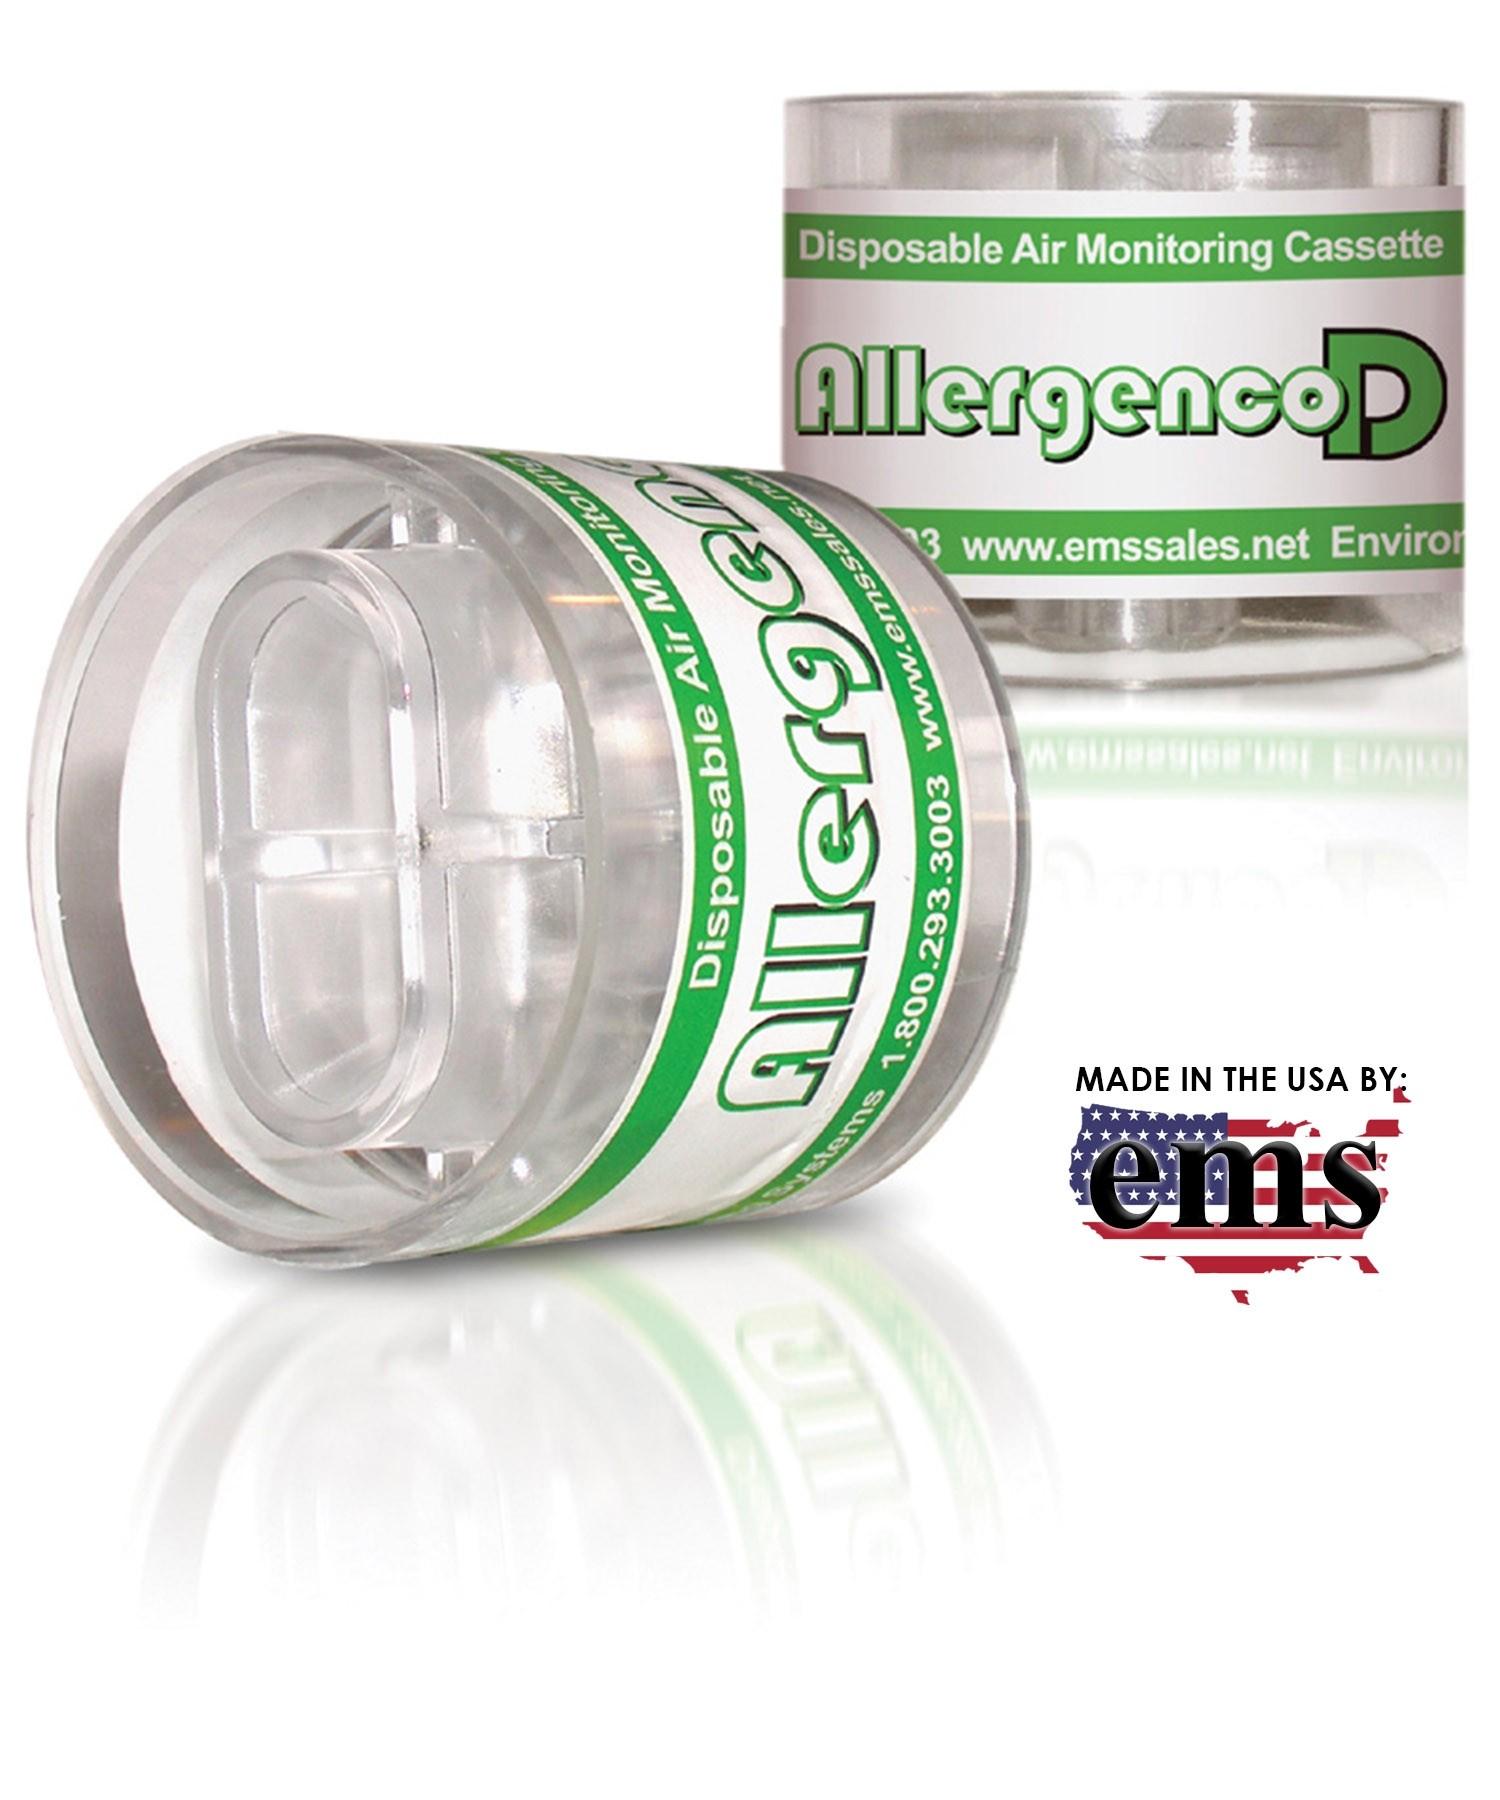 Allergenco-d mold cassette